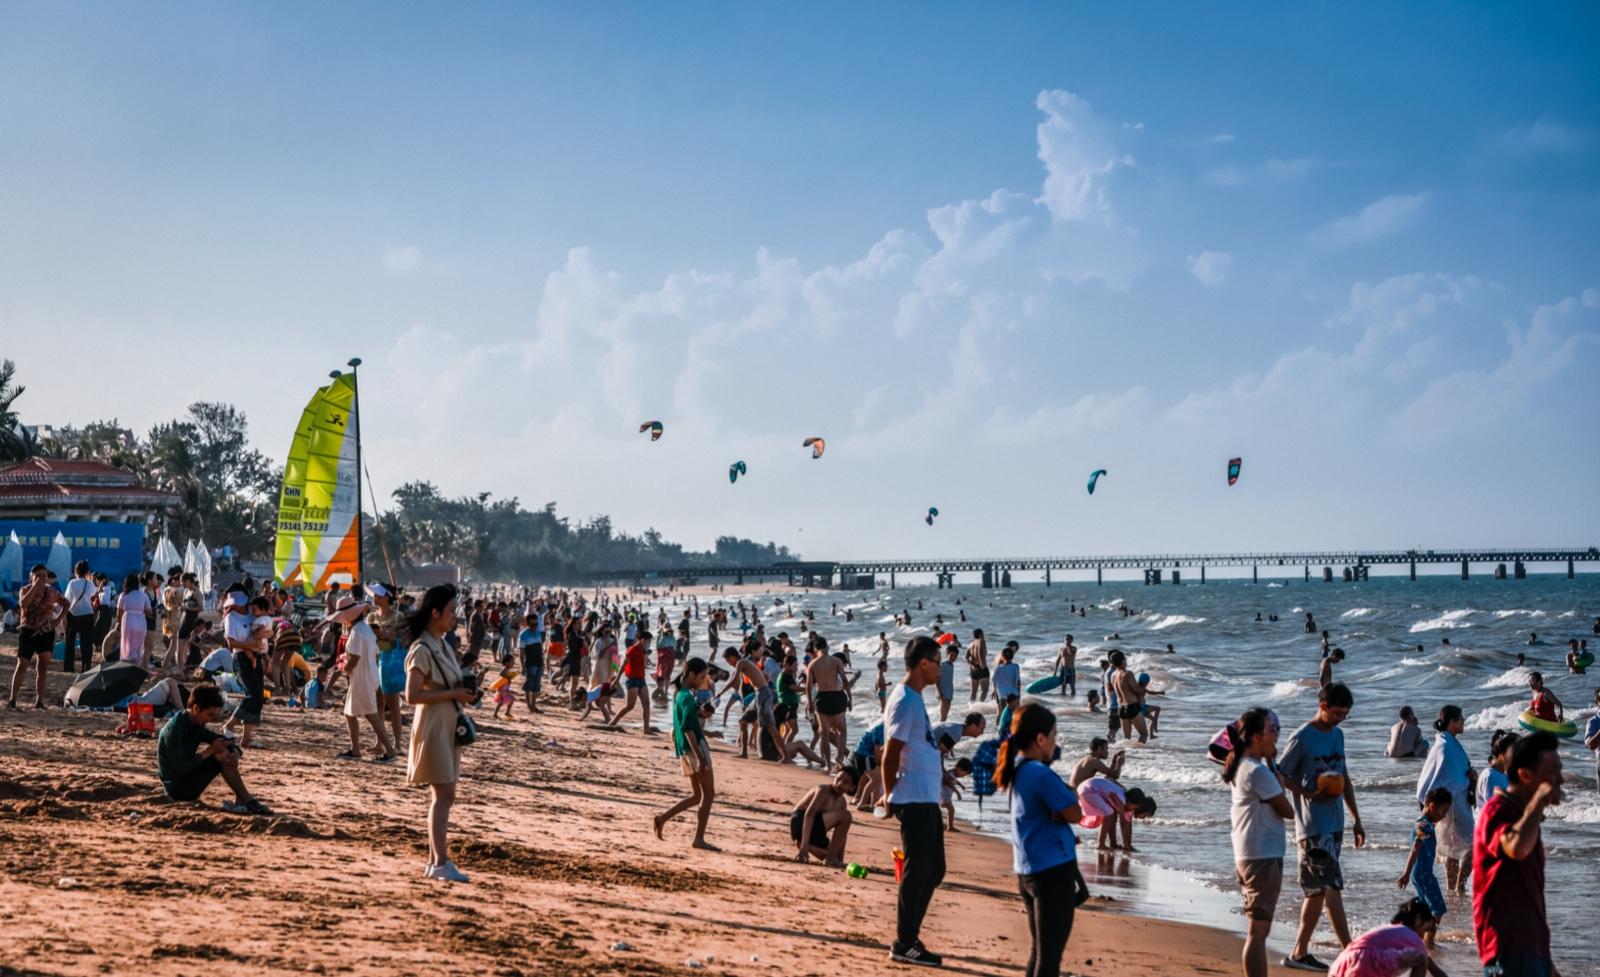 原创组图丨海口推出亲水季系列活动 乘风破浪感受椰城魅力